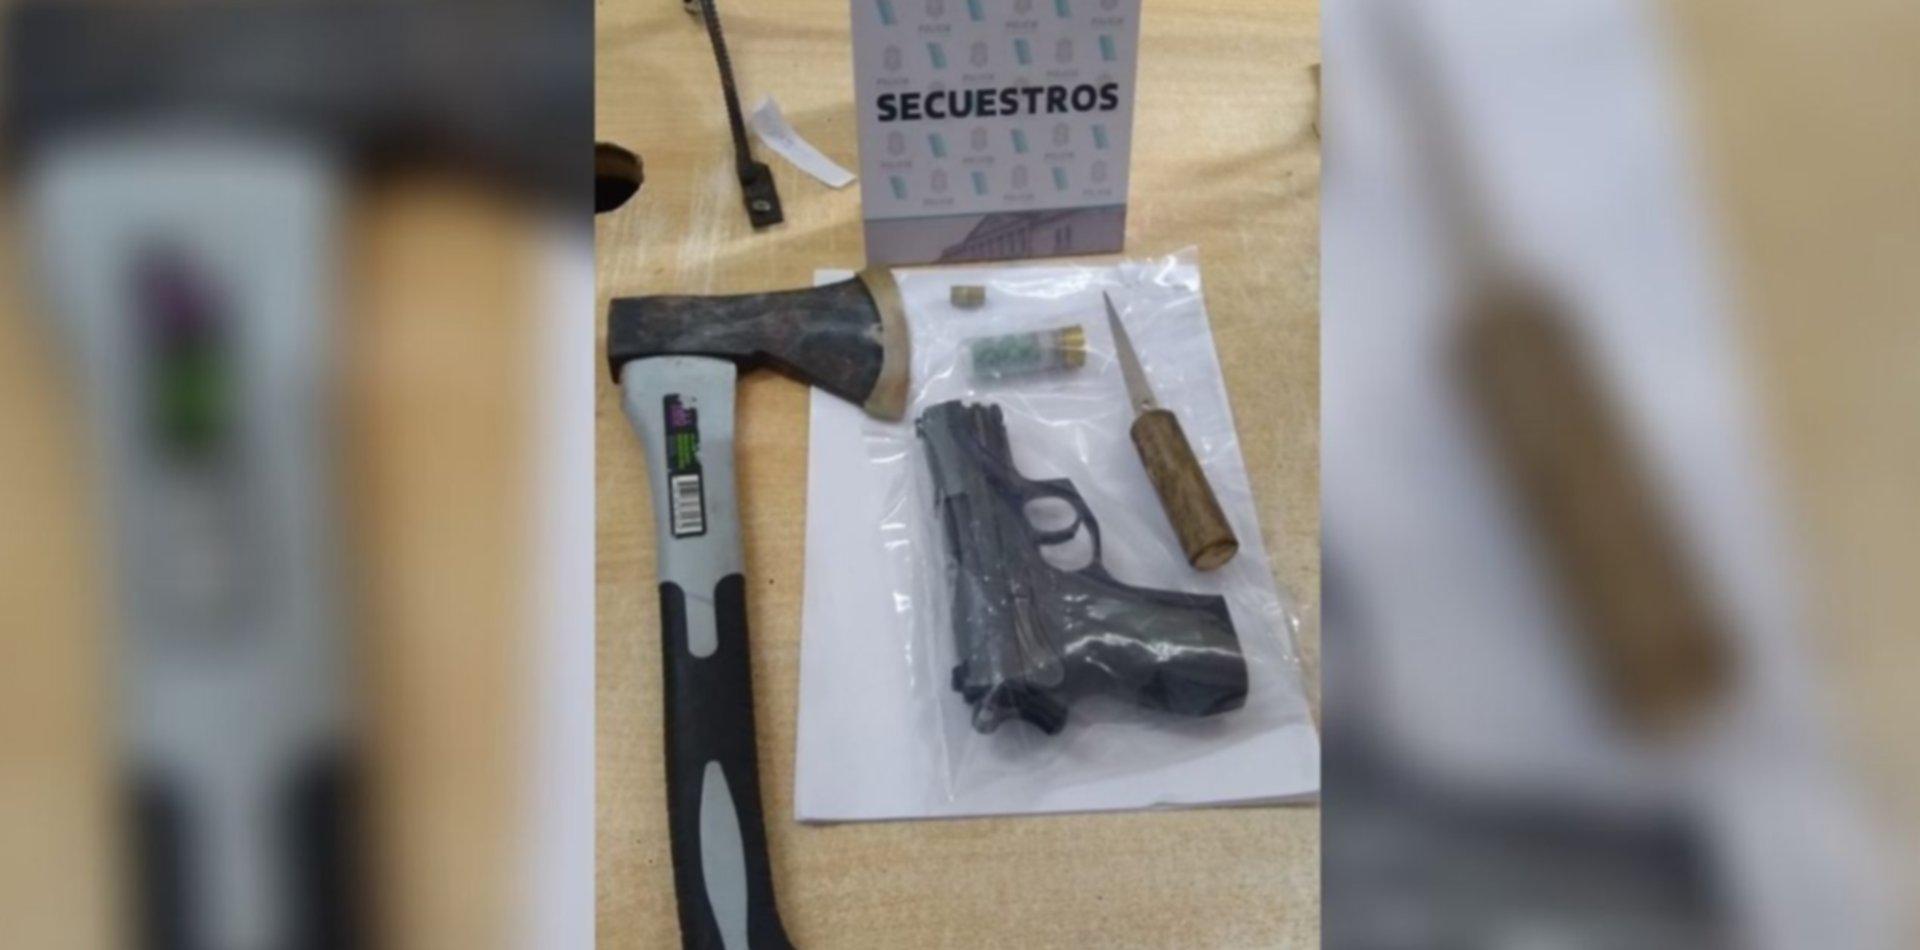 Revuelo en una cervecería de La Plata: quiso entrar, no lo dejaron y amenazó con un arma